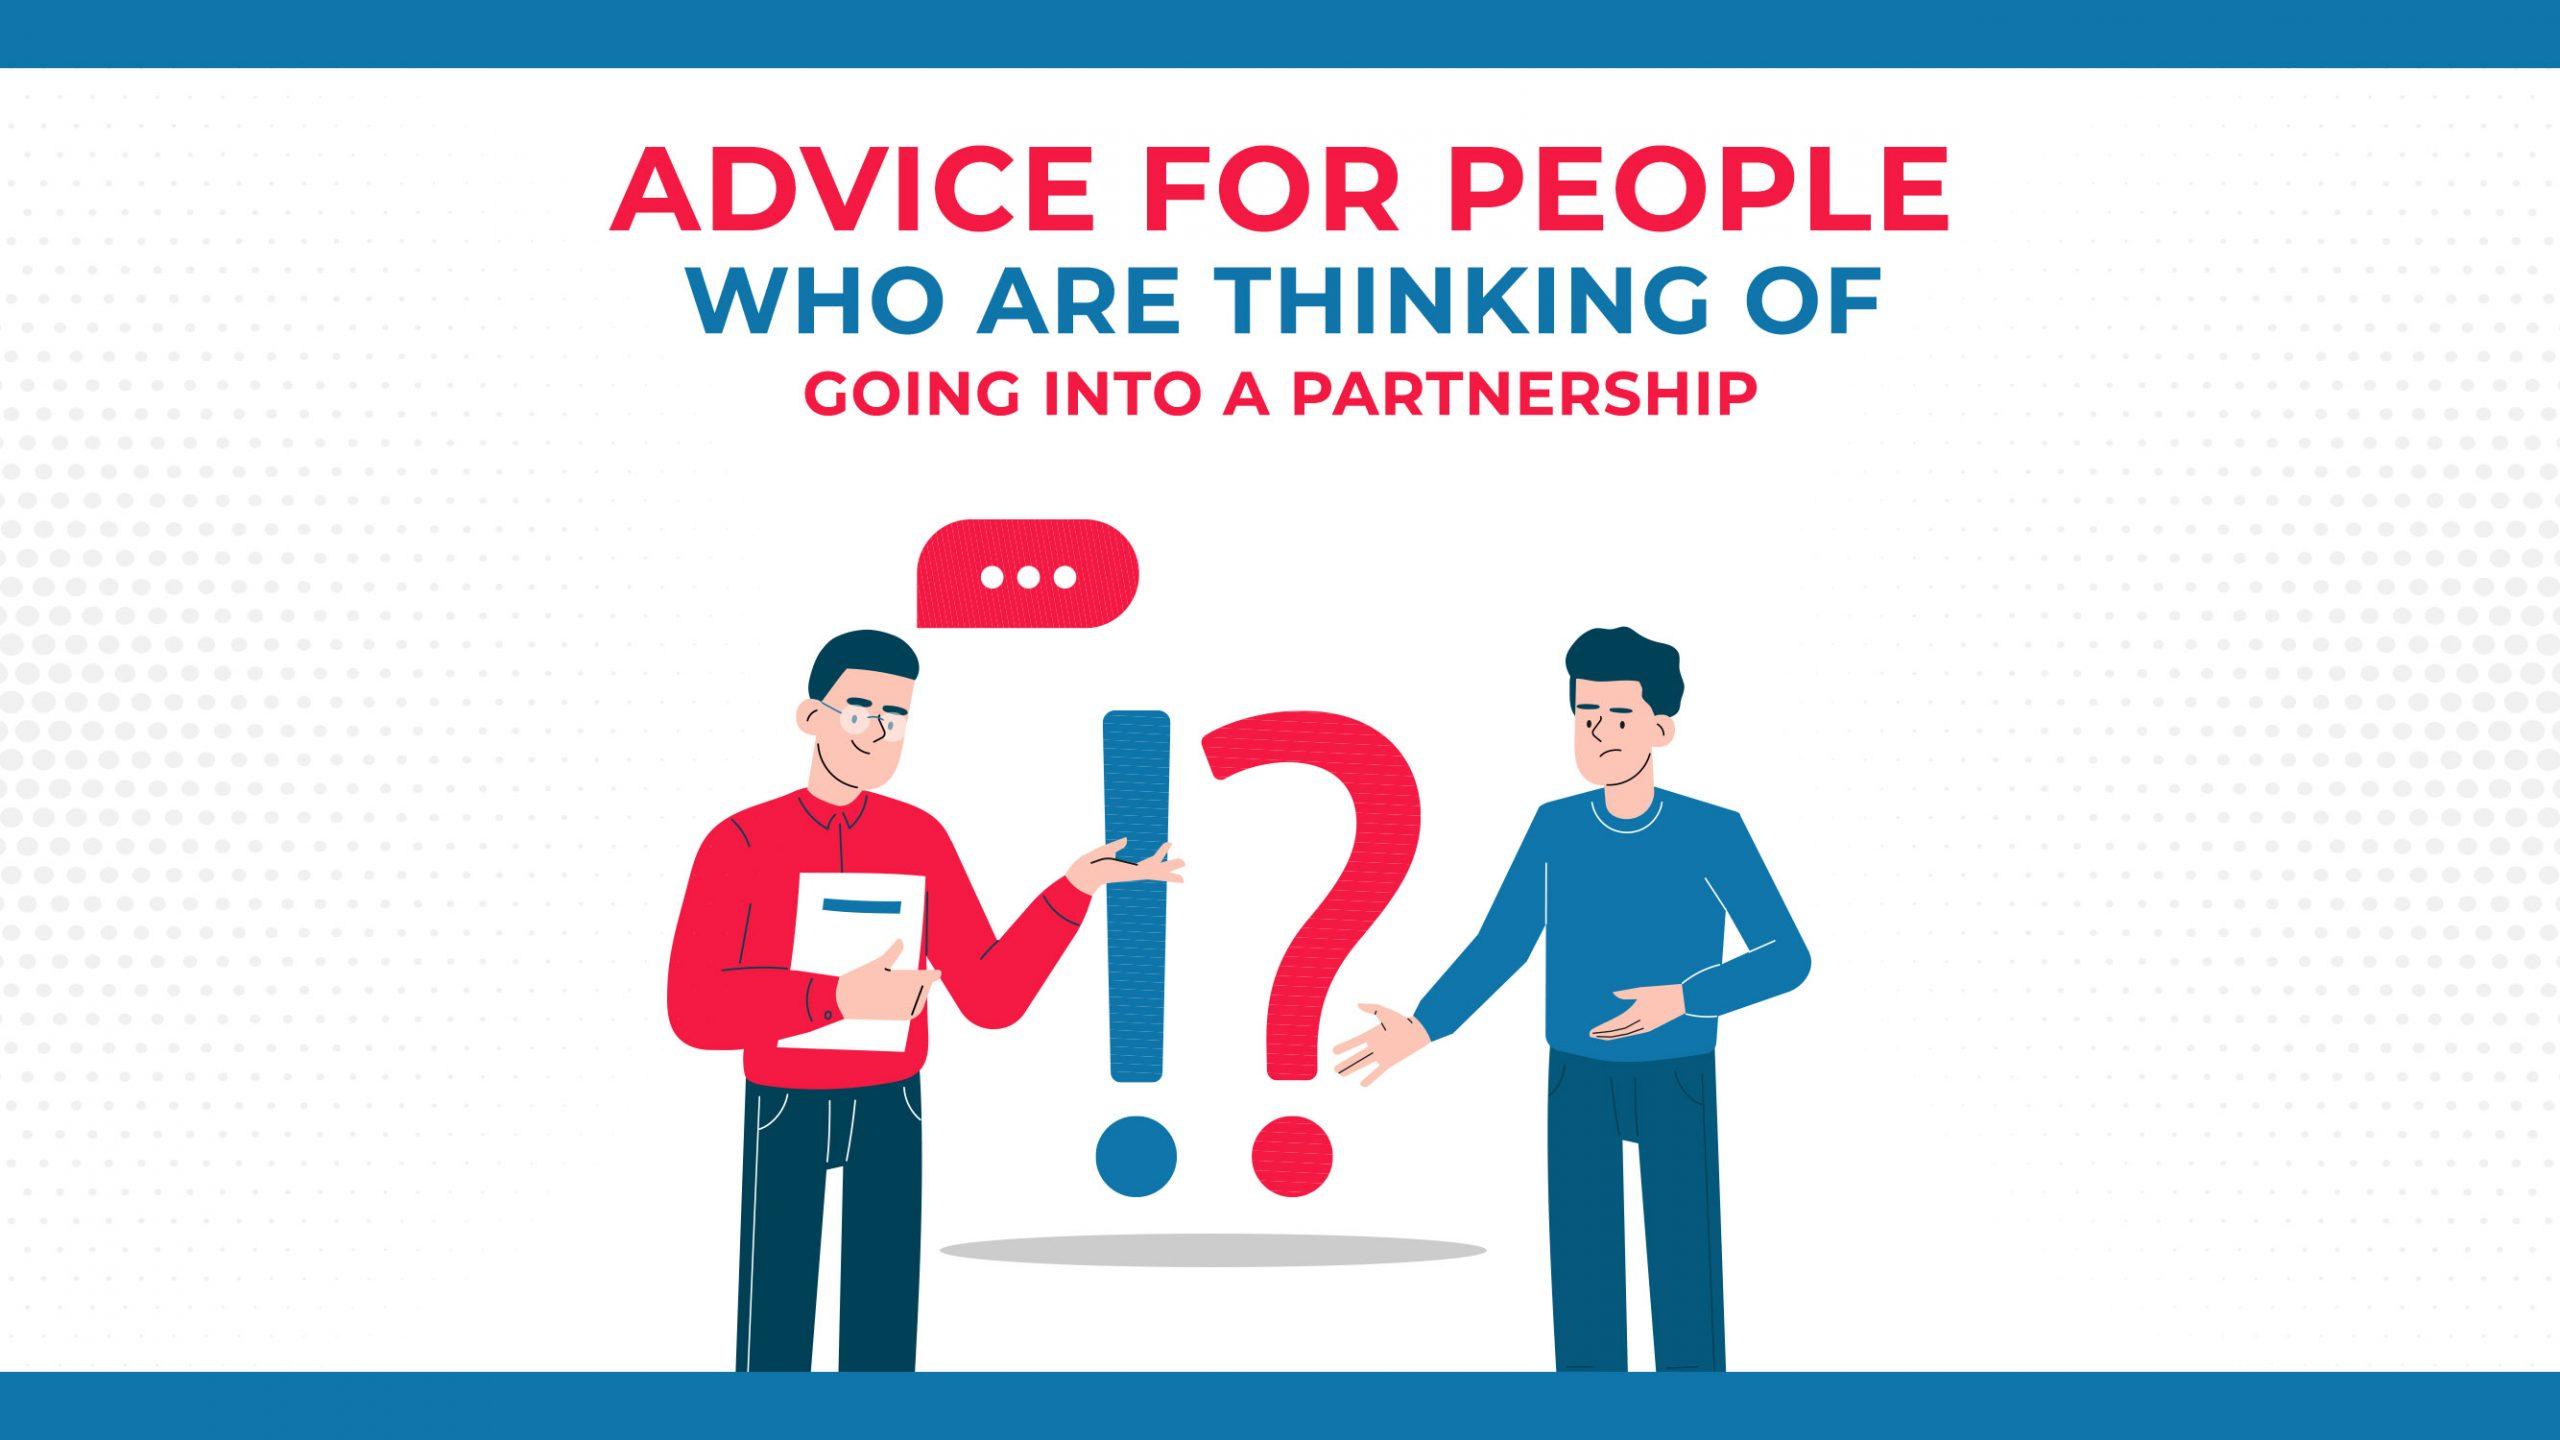 Consigli per le persone che stanno pensando di entrare in una partnership